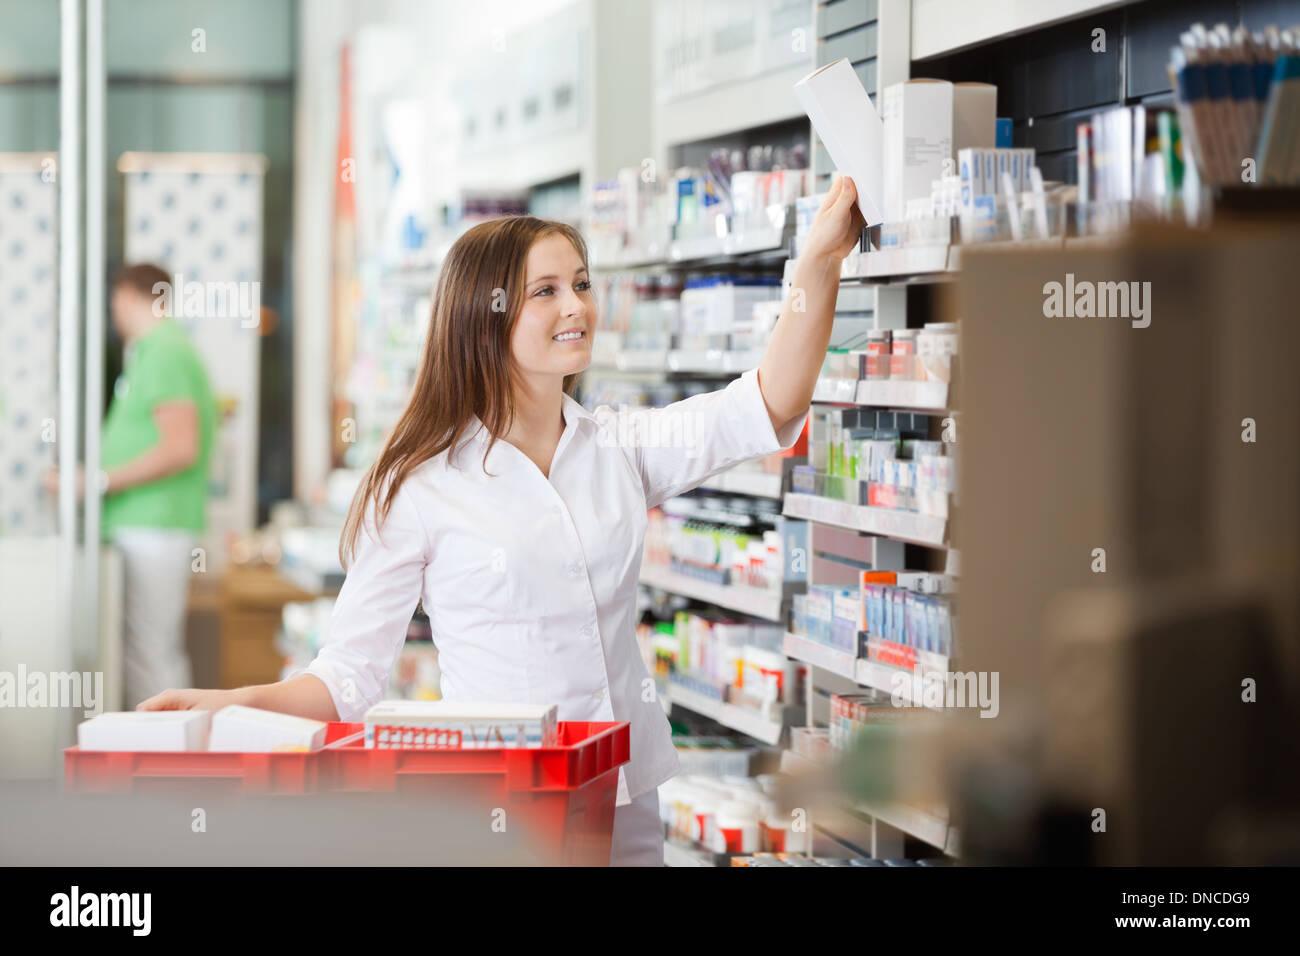 Pharmacist Stocking Shelves Stock Photo